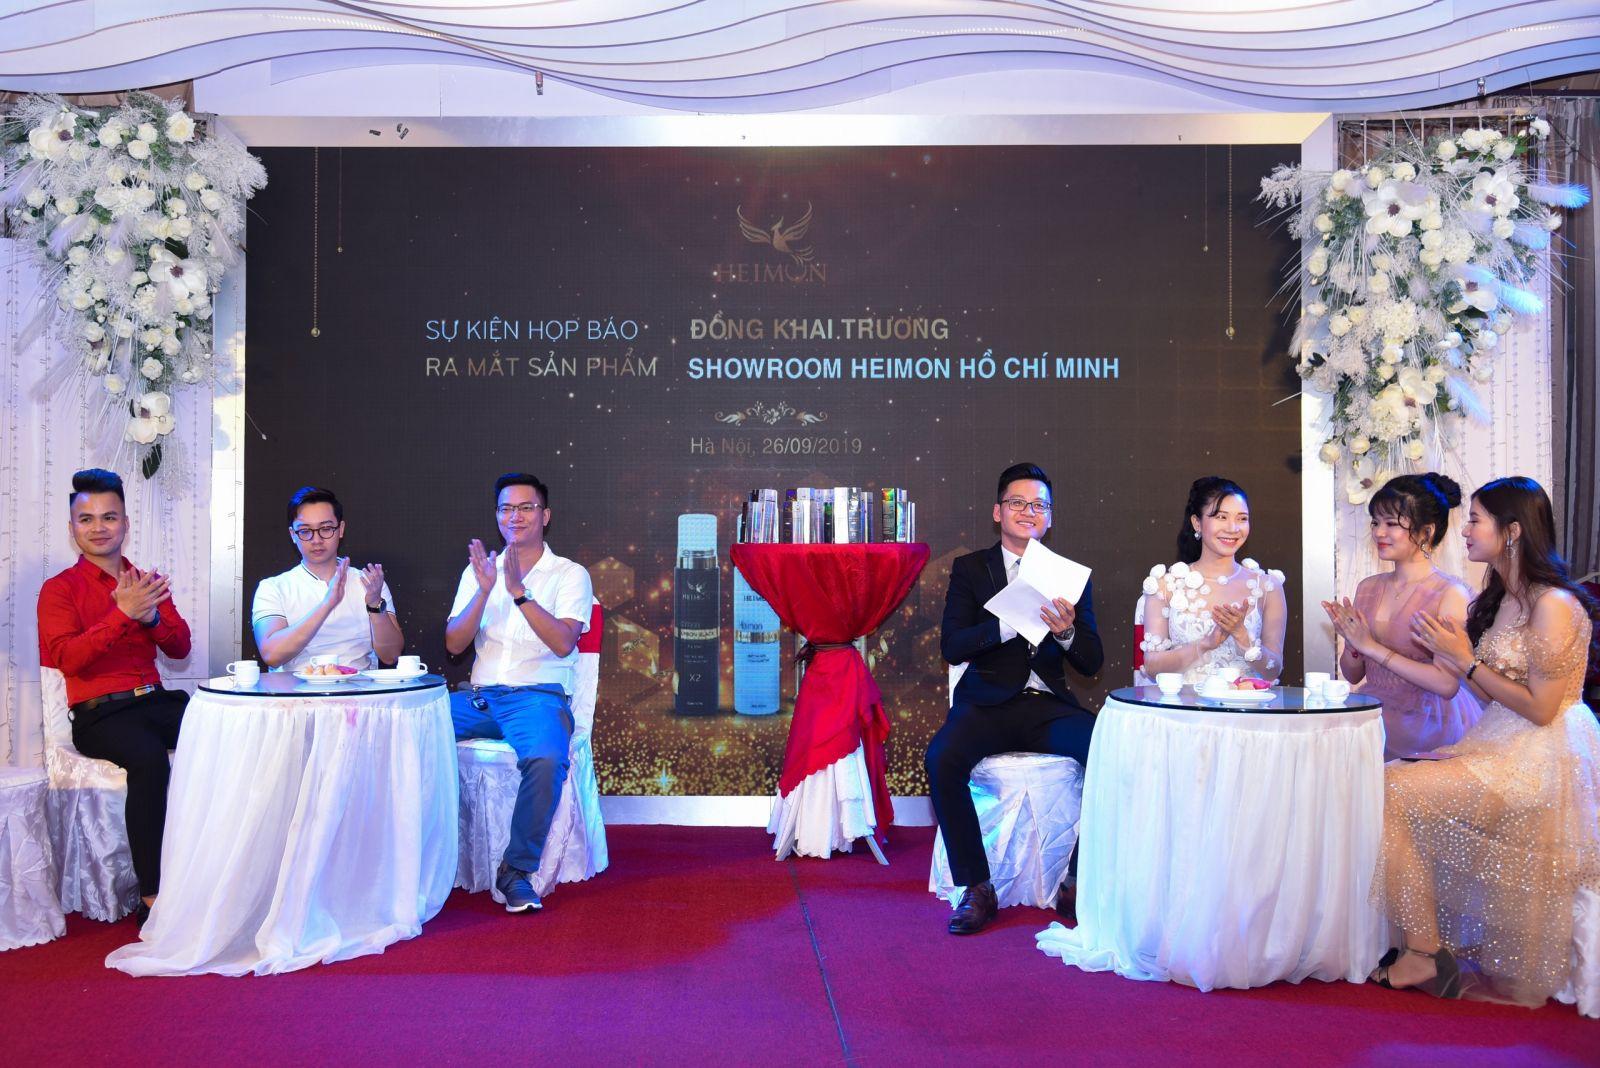 Có sự tham gia của Thanh Bi, MC Hà Đan, Huy Quốc